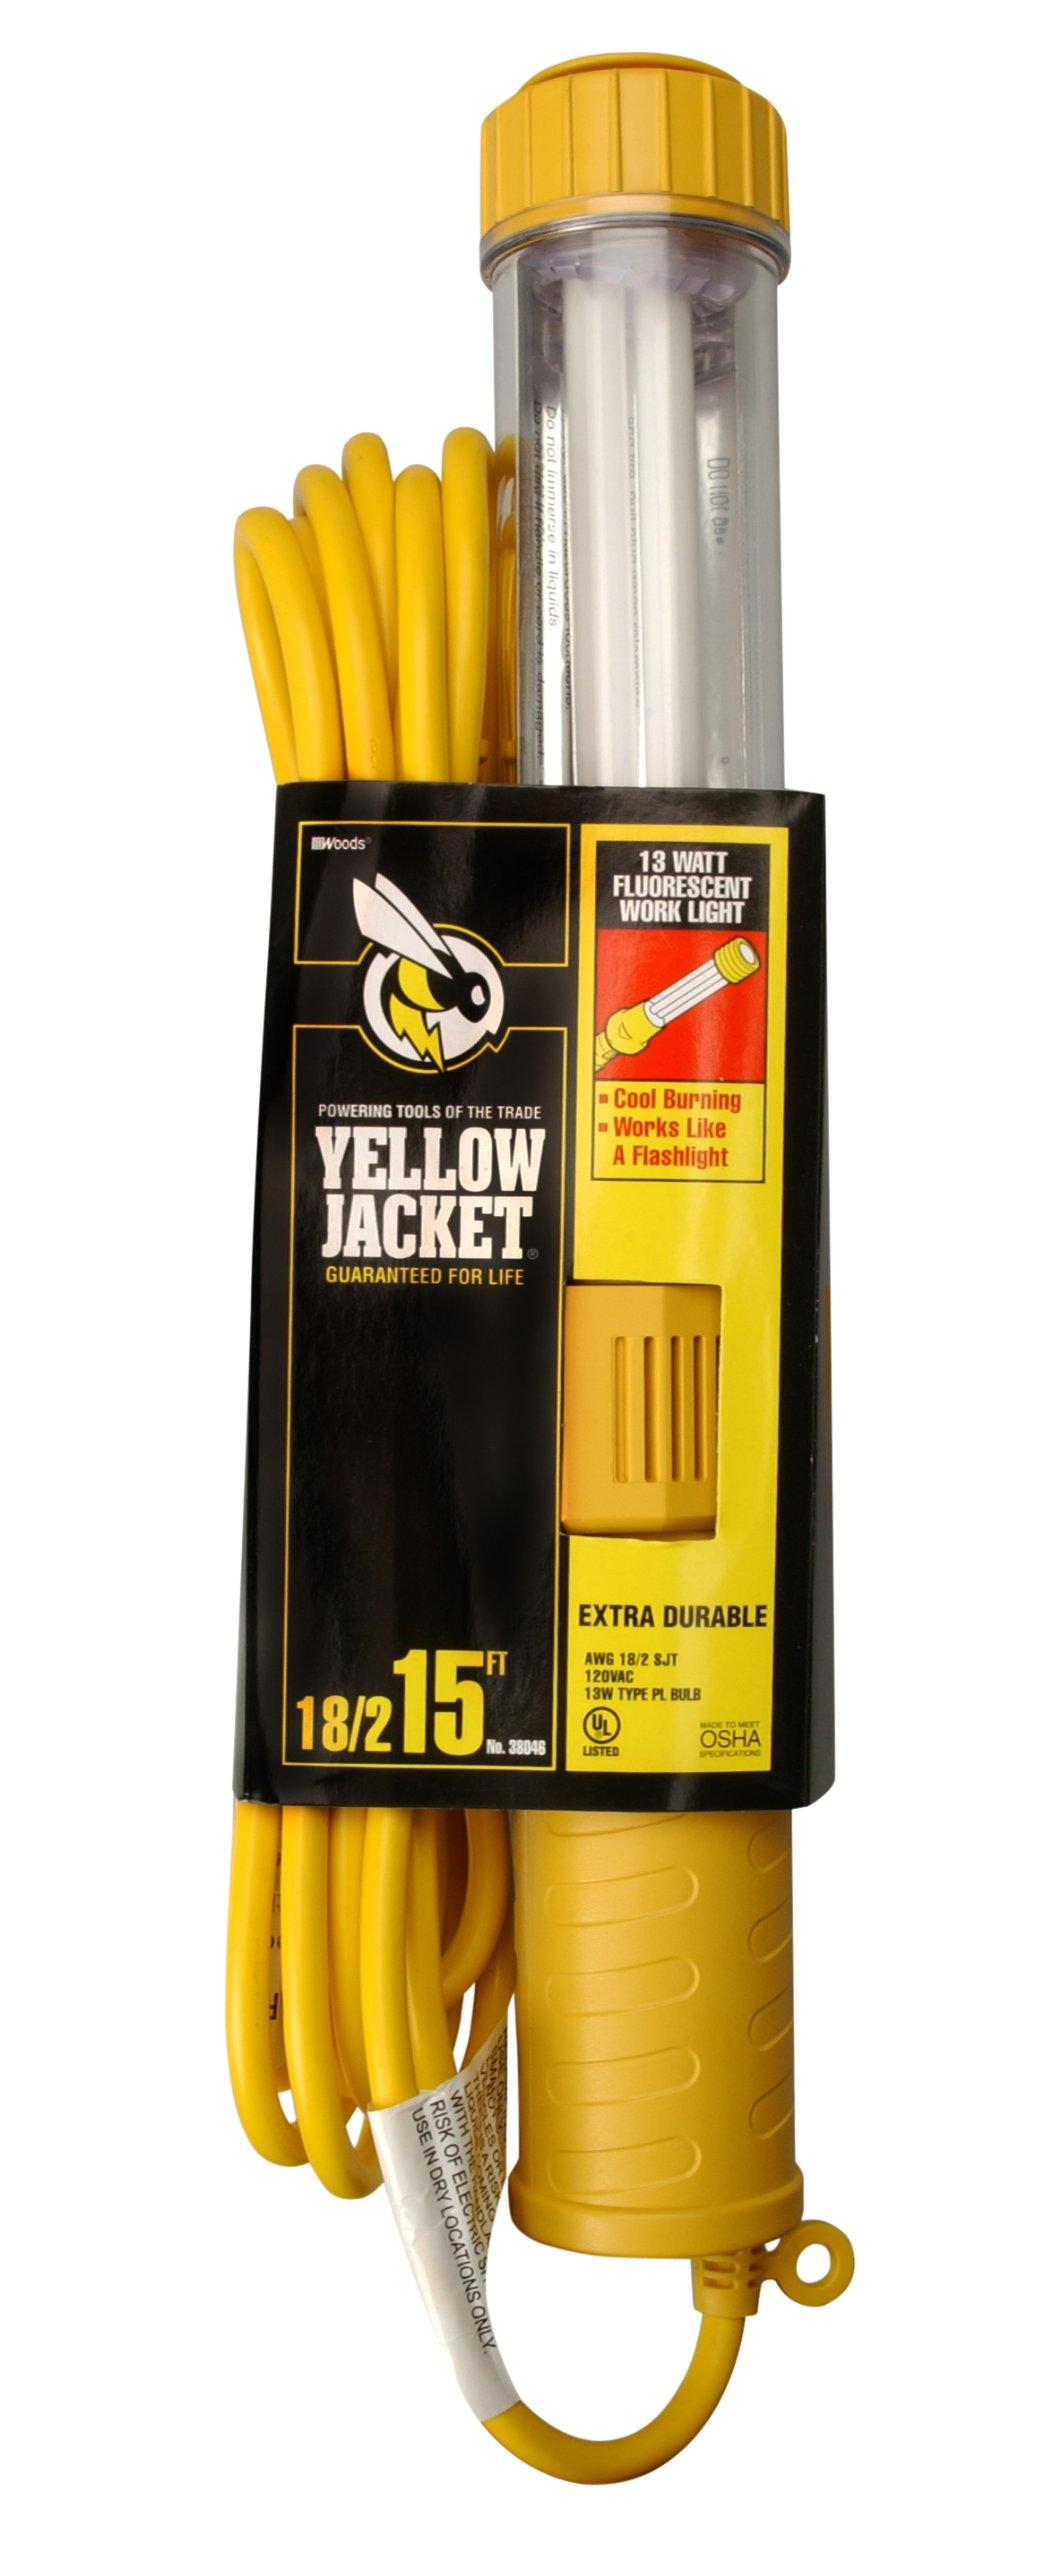 Yellow Jacket 38046 18/2 SJTW 13-watt Fluorescent Work Light with Outlet, 15-Feet